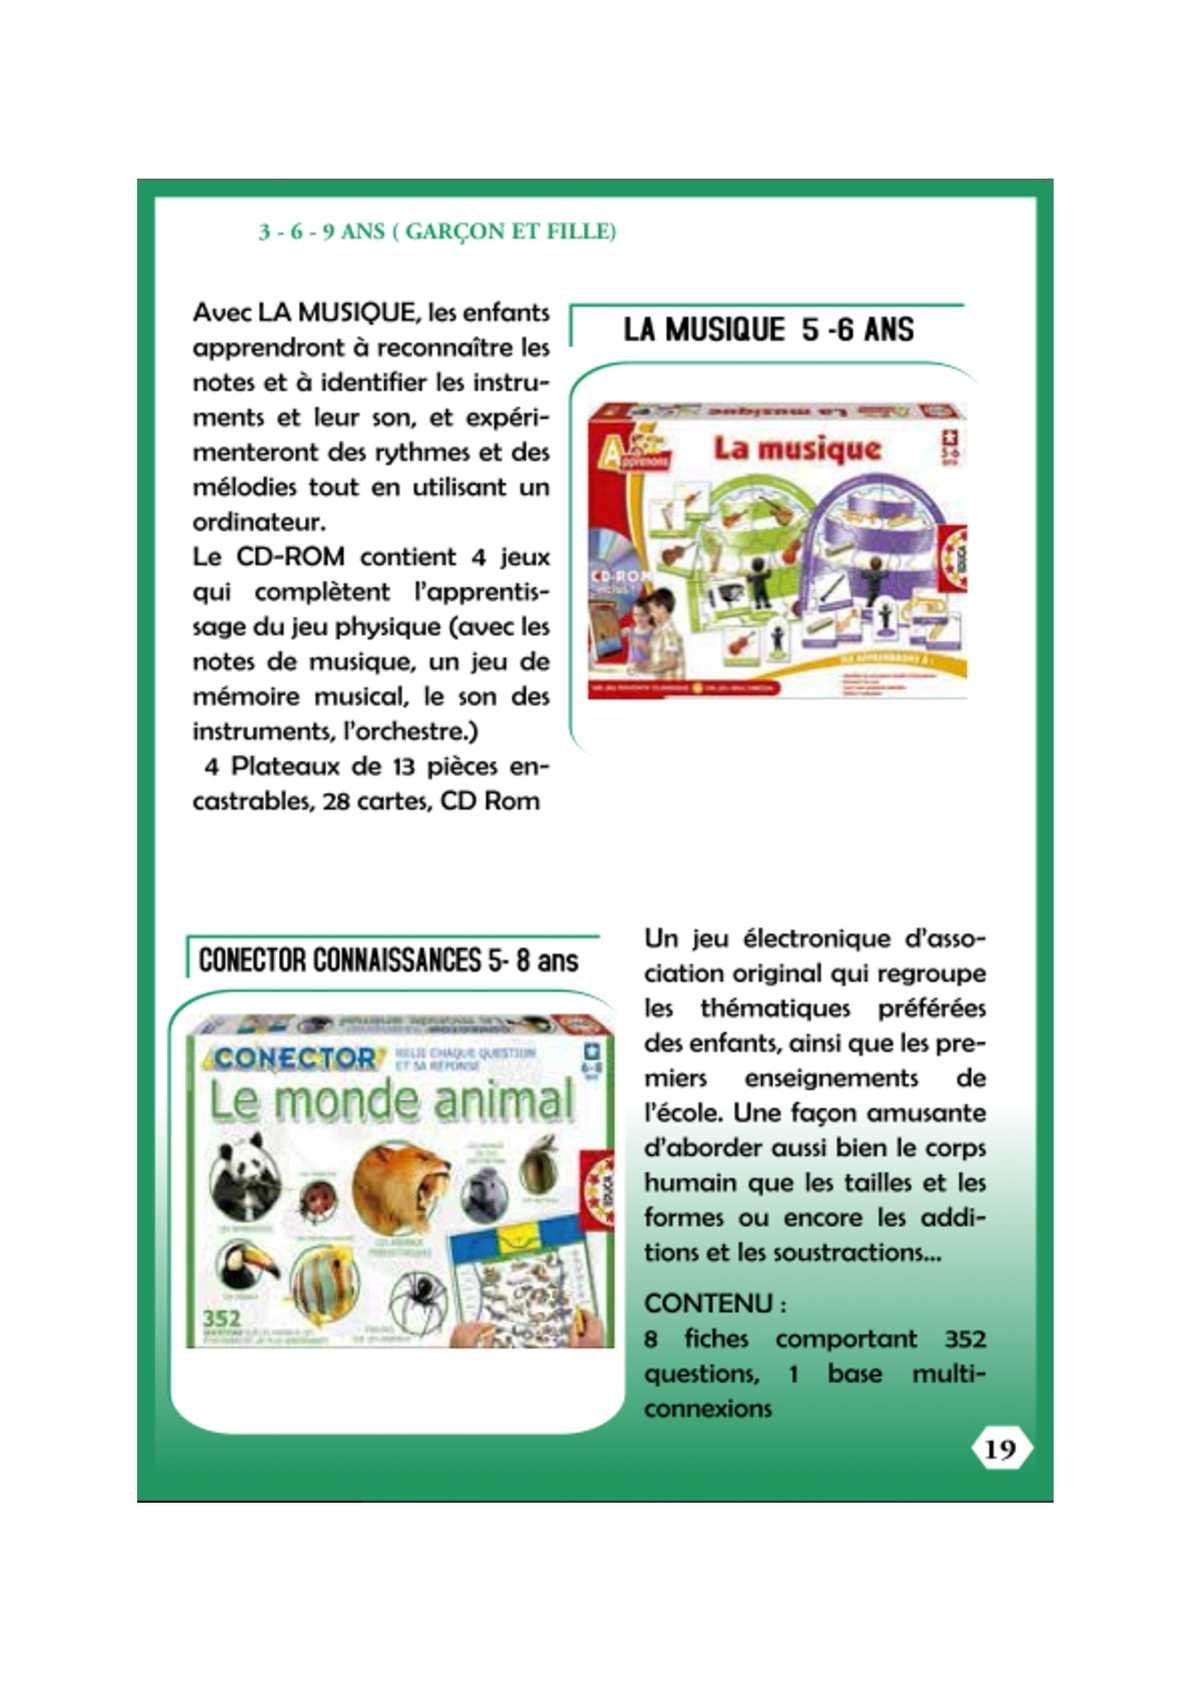 Calaméo - D19 à Jeux De Connaissance 3 4 Ans